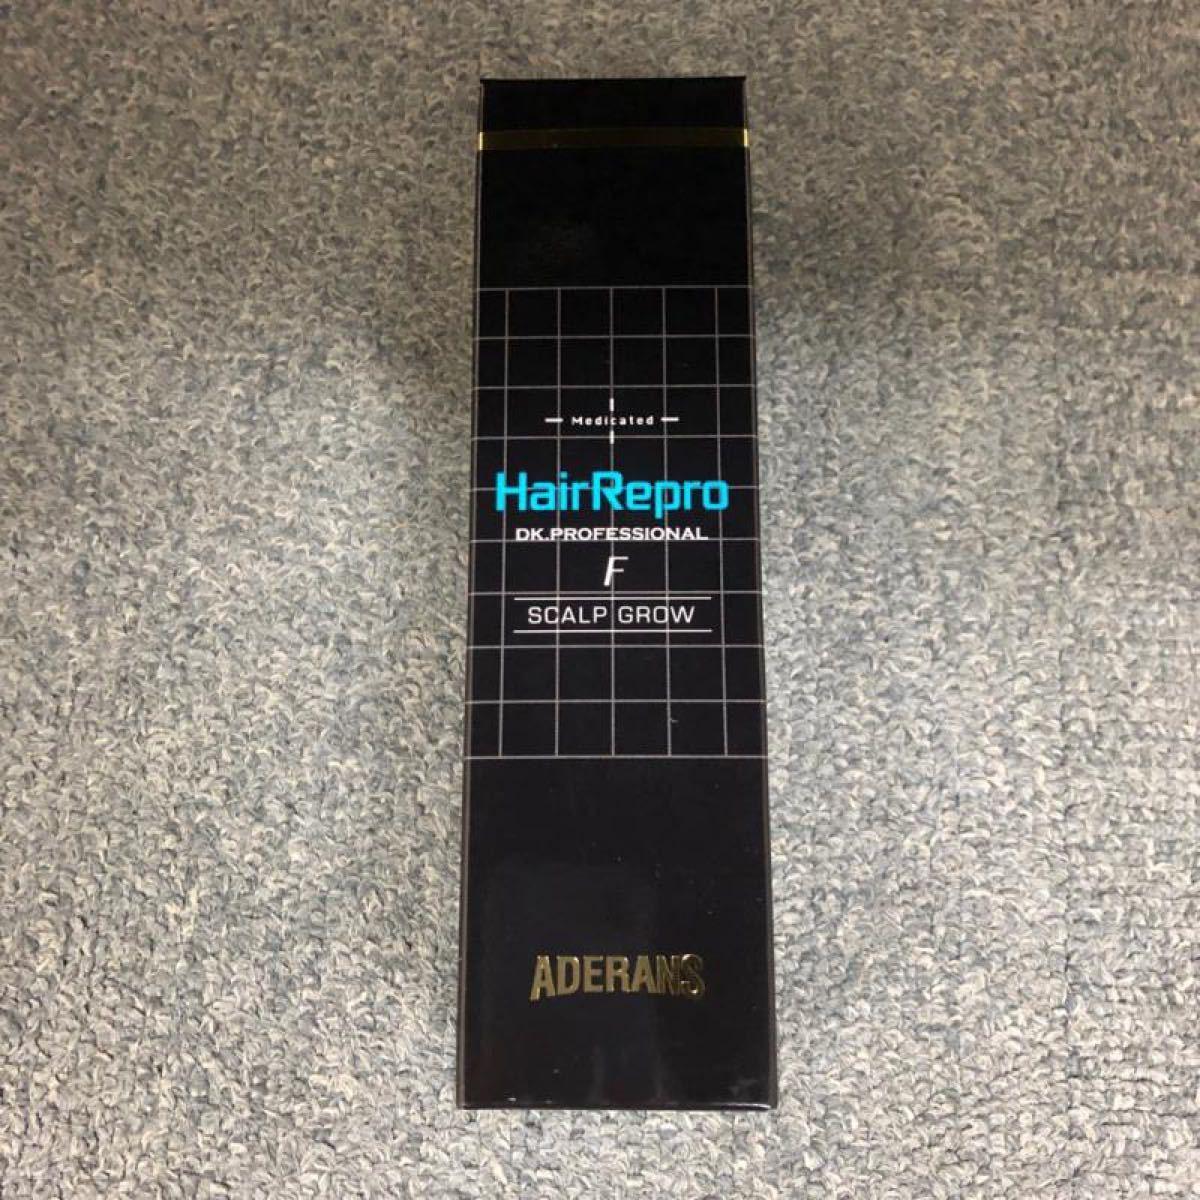 【新品】ヘアリプロ スカルプグロウF 120ml 薬用育毛剤 アデランス